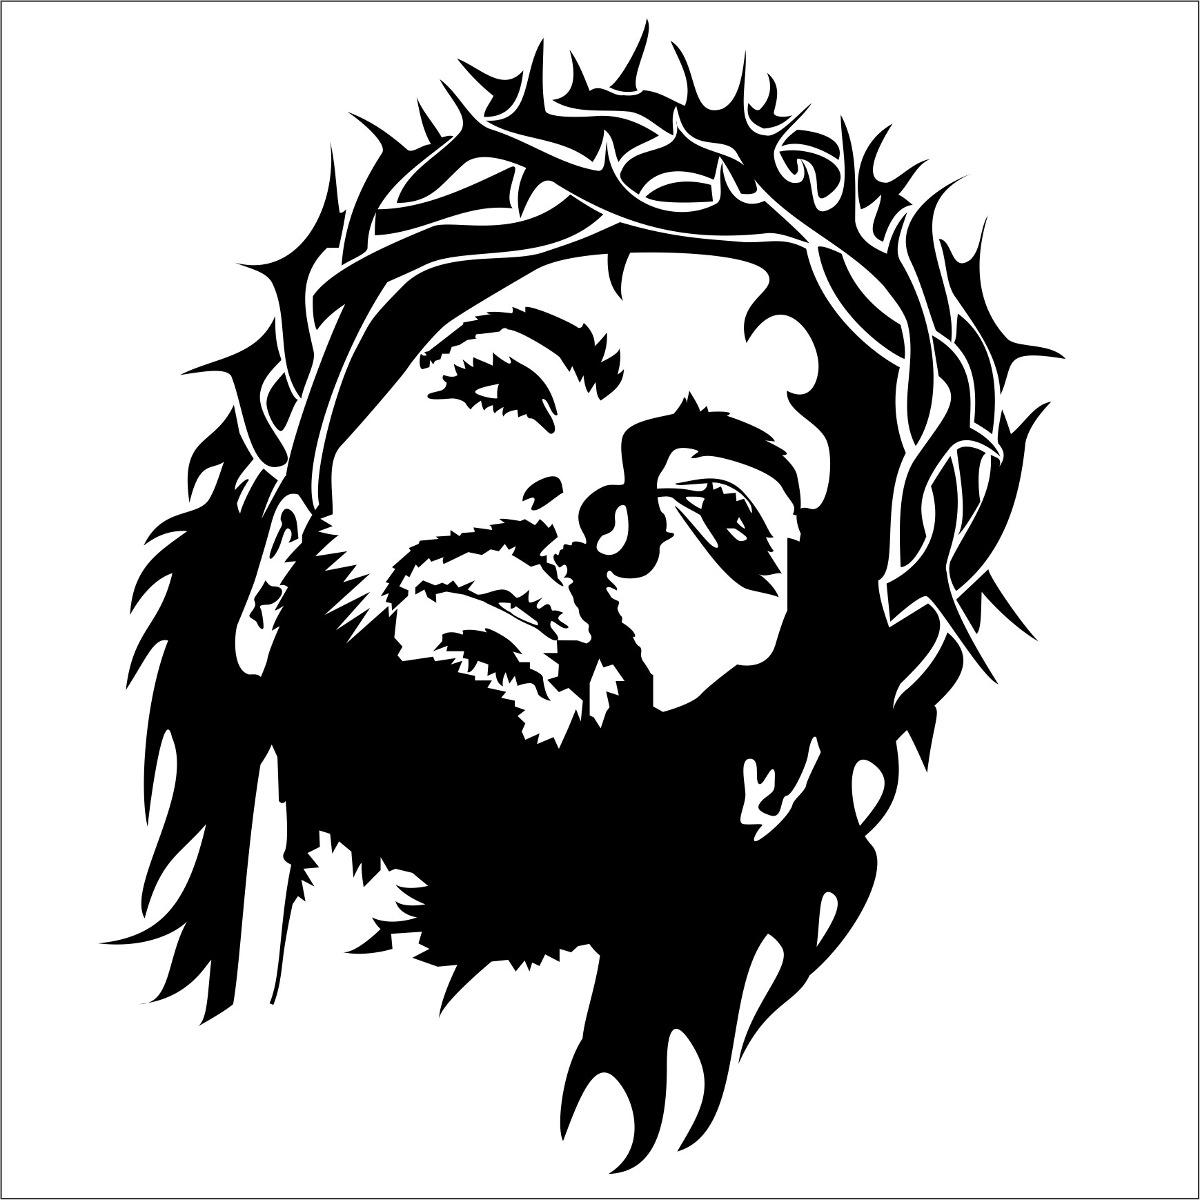 Aparador Acrilico Onde Comprar ~ Adesivo Parede Carro Jesus Cristo Frete Grátis R$ 52,13 em Mercado Livre